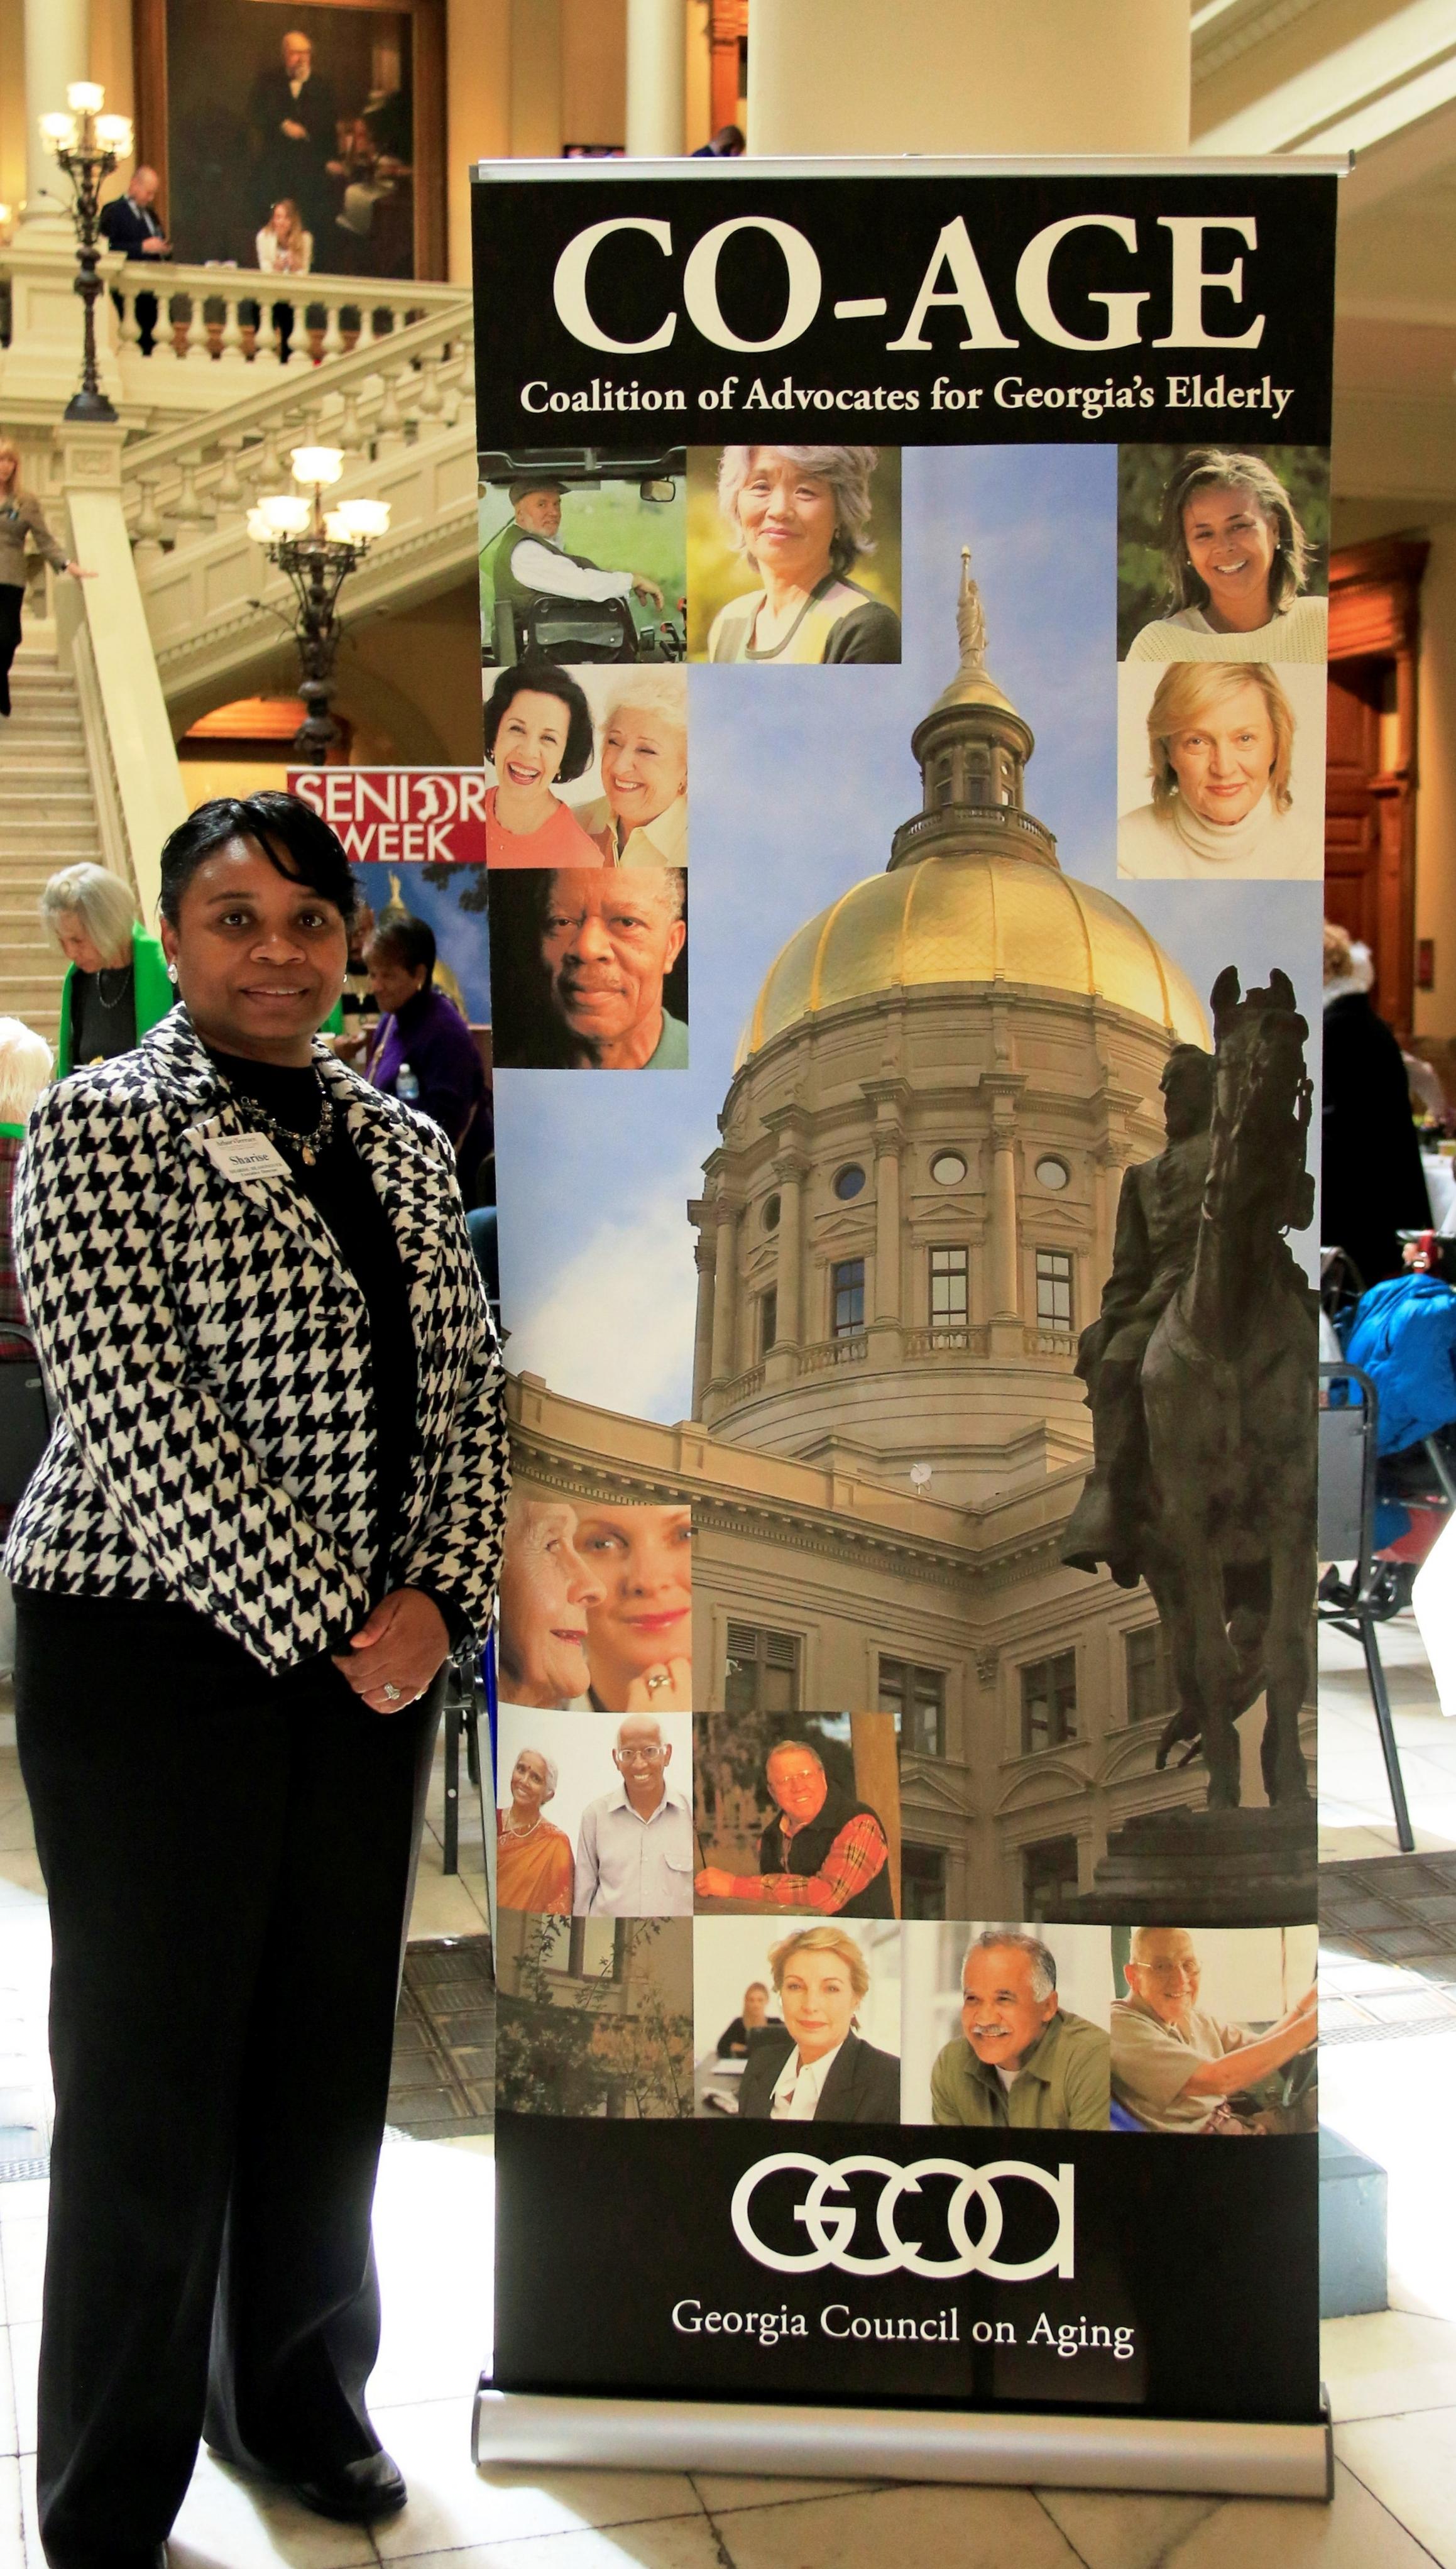 Council member Sharise Reasonover at Senior Week 2016